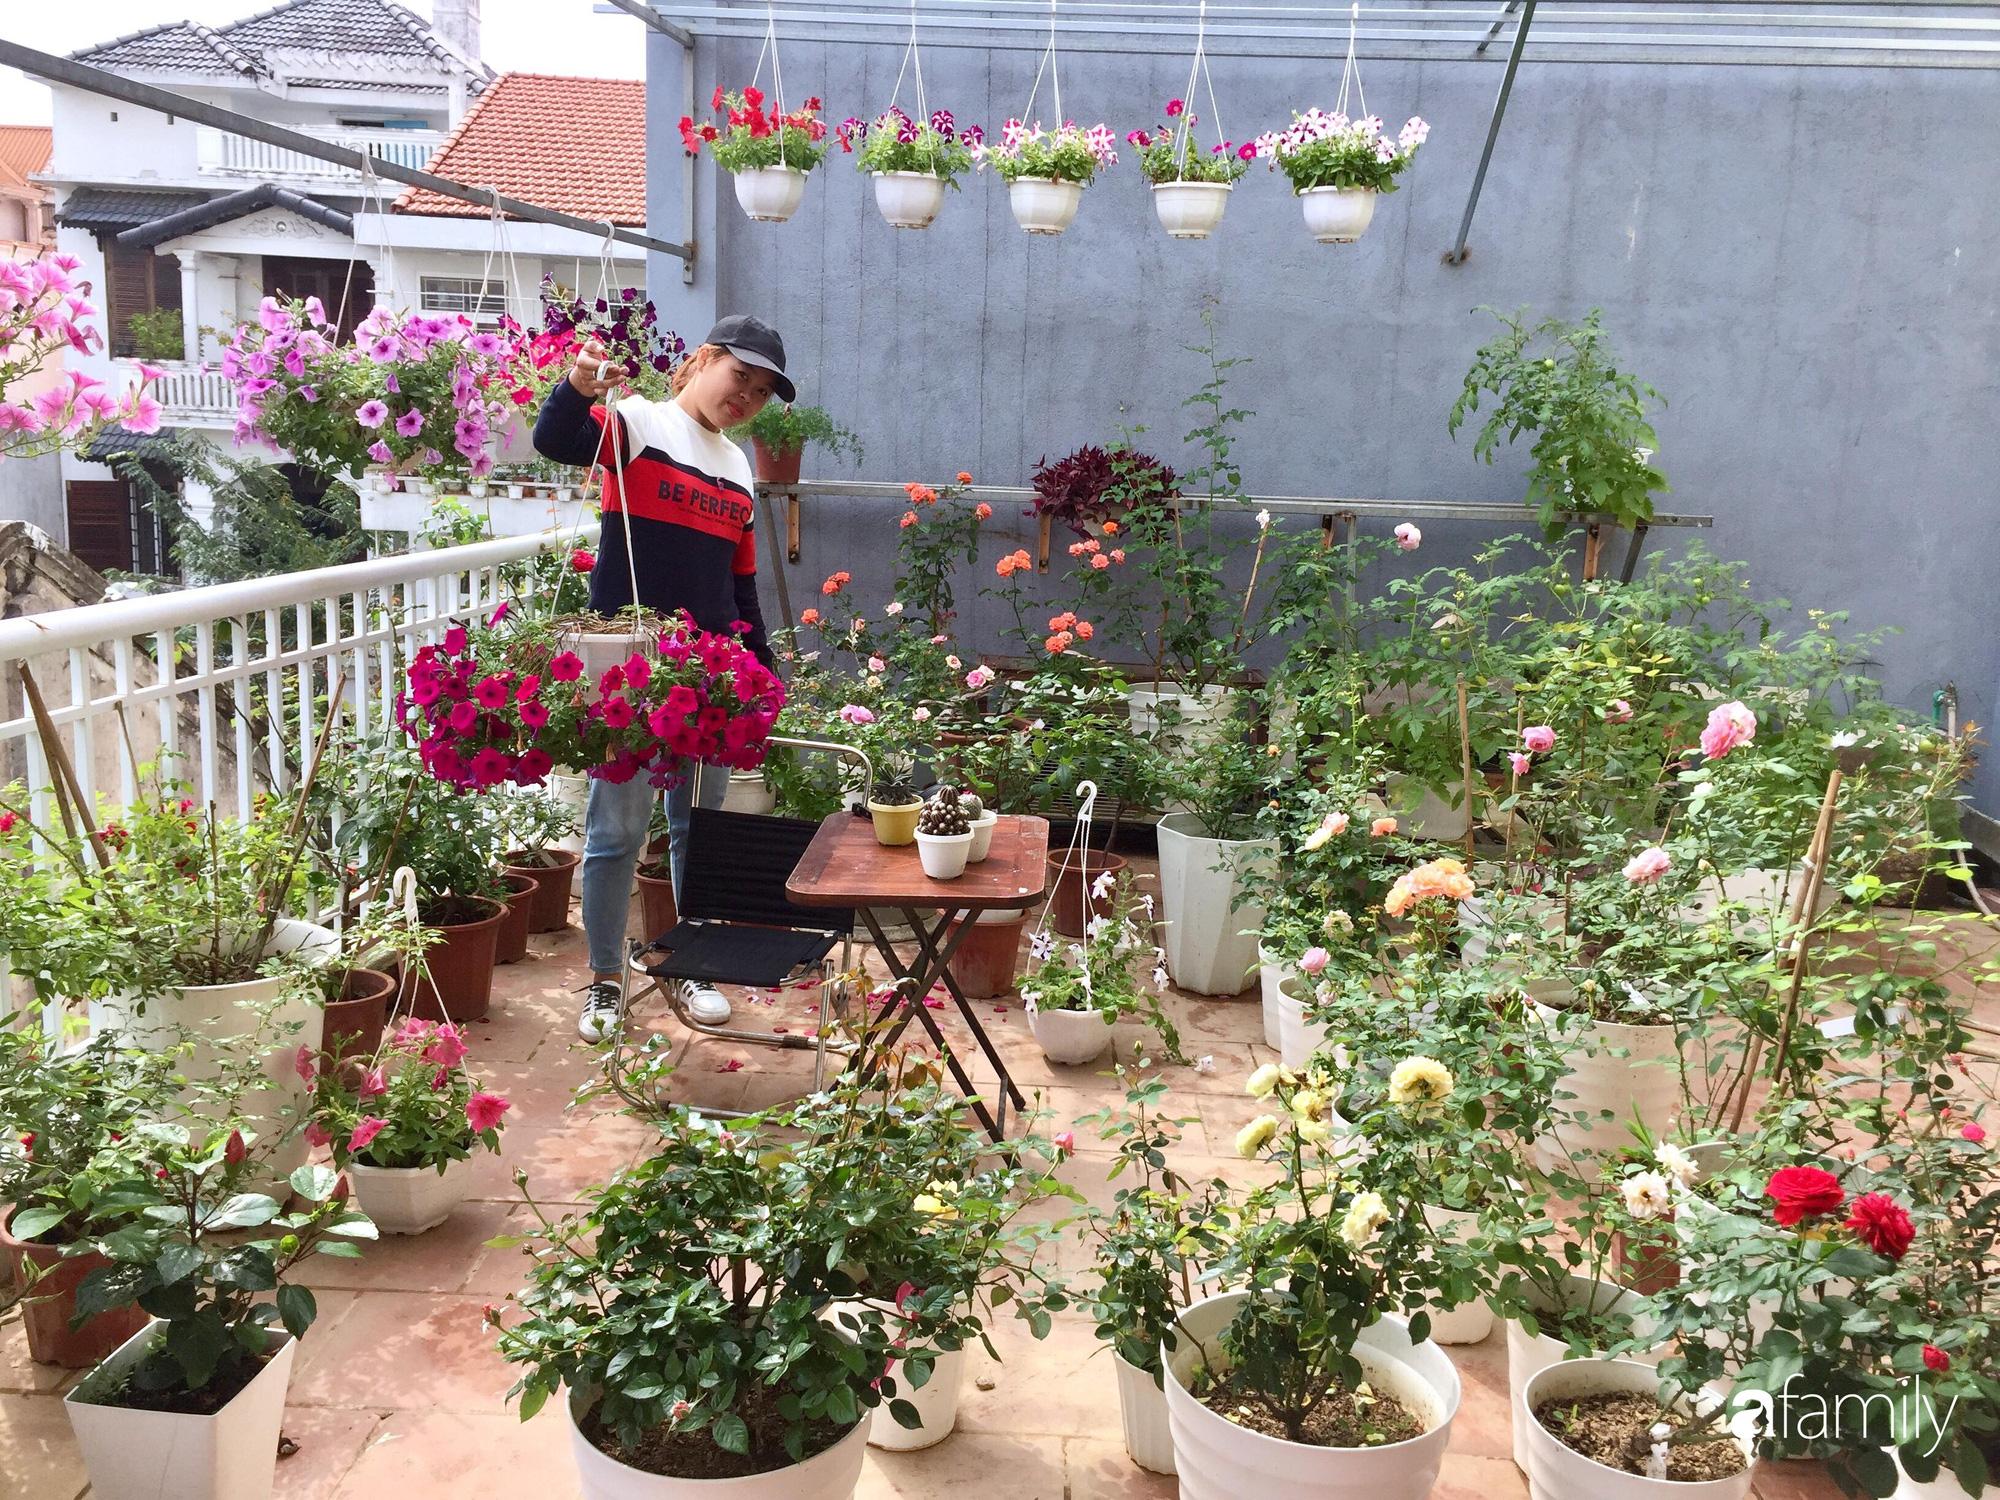 Mê hoa hồng, cô gái trẻ xứ Huế quyết tâm thức khuya dậy sớm tạo cả vườn hồng rực rỡ trên sân thượng - Ảnh 3.